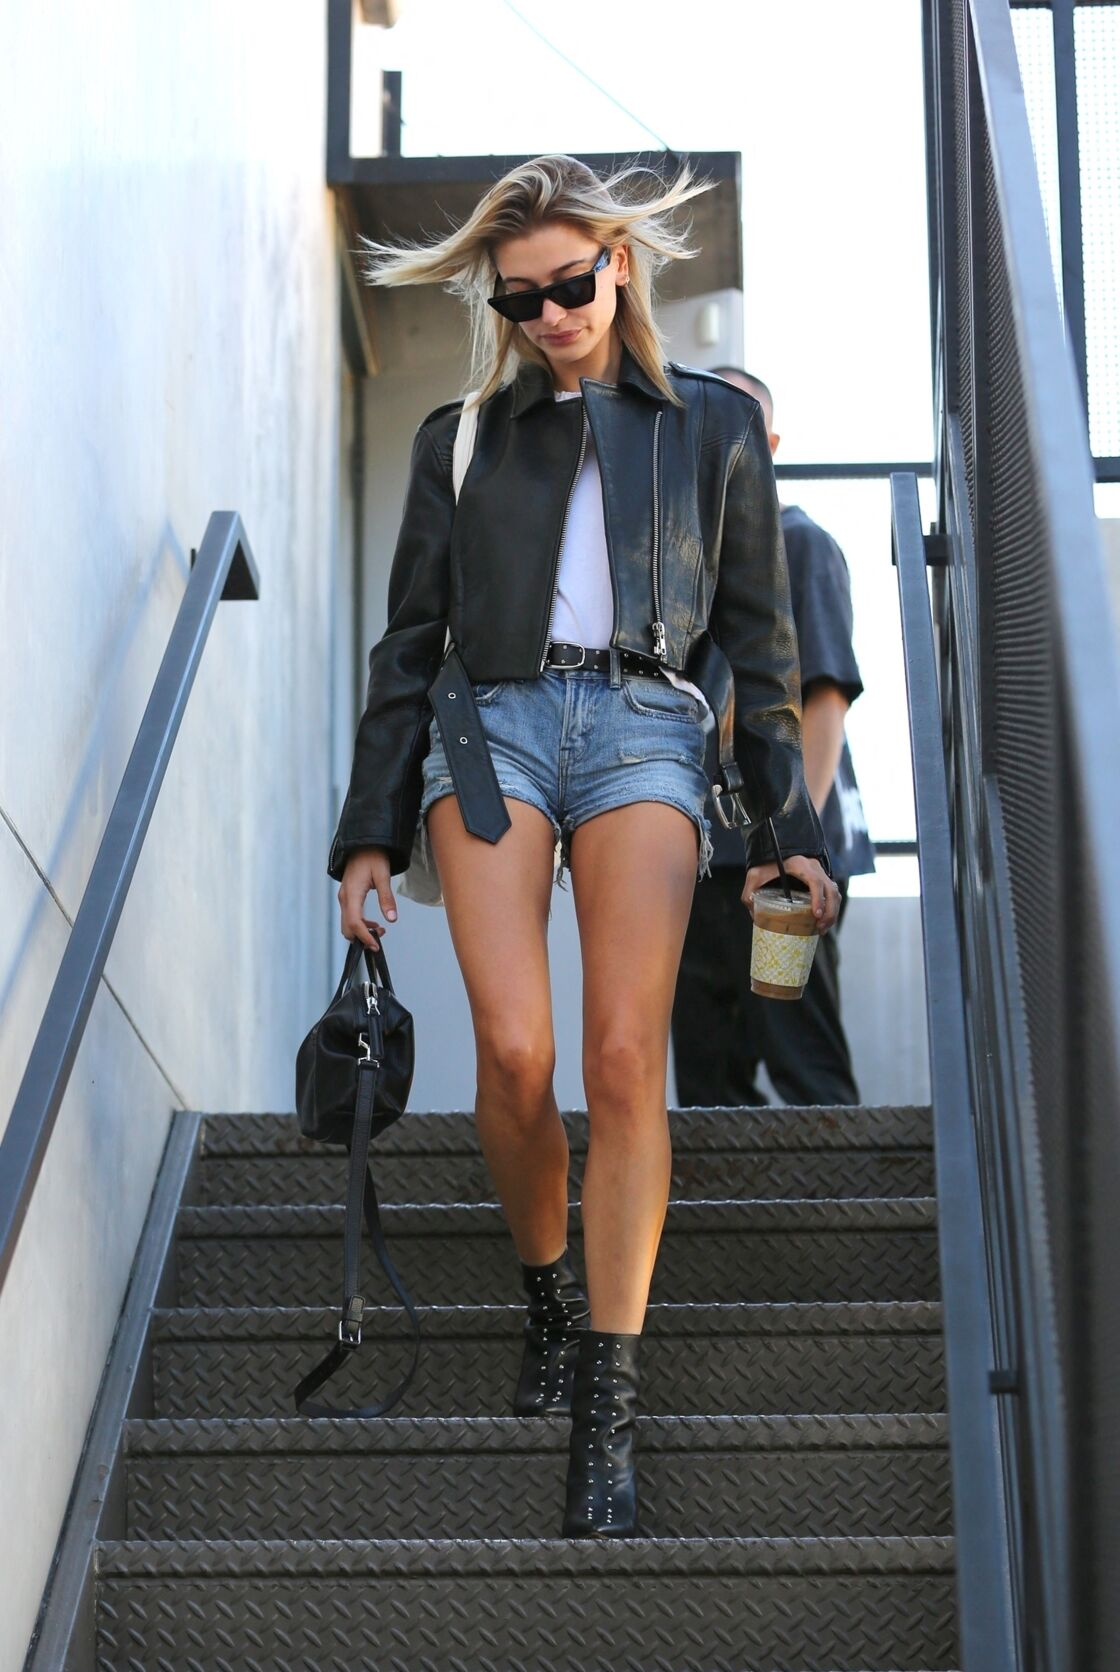 Hailey Baldwin en perfecto noir associe cette veste à une paire de jean ou de short en jeans flare, des talons ou des bottines et une paire de solaires noires